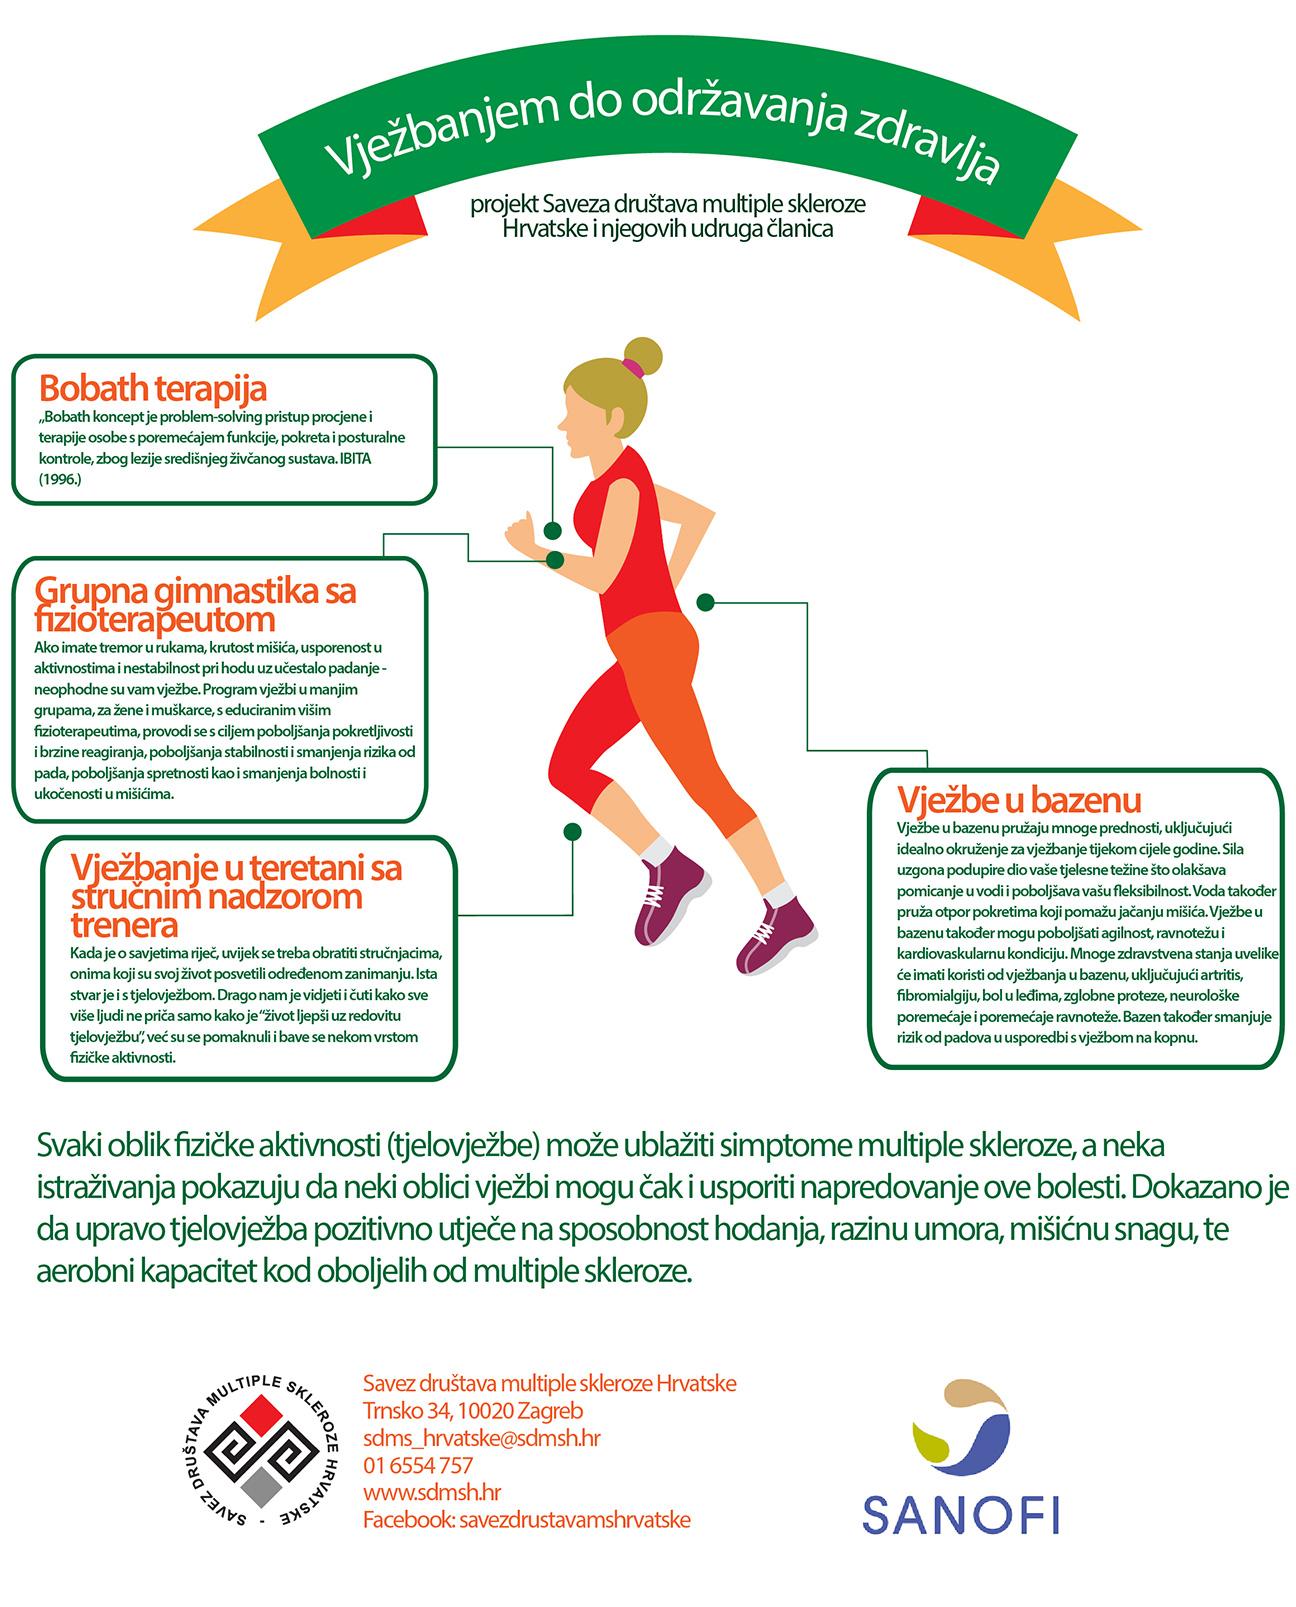 Vježbanjem do održavanja zdravlja